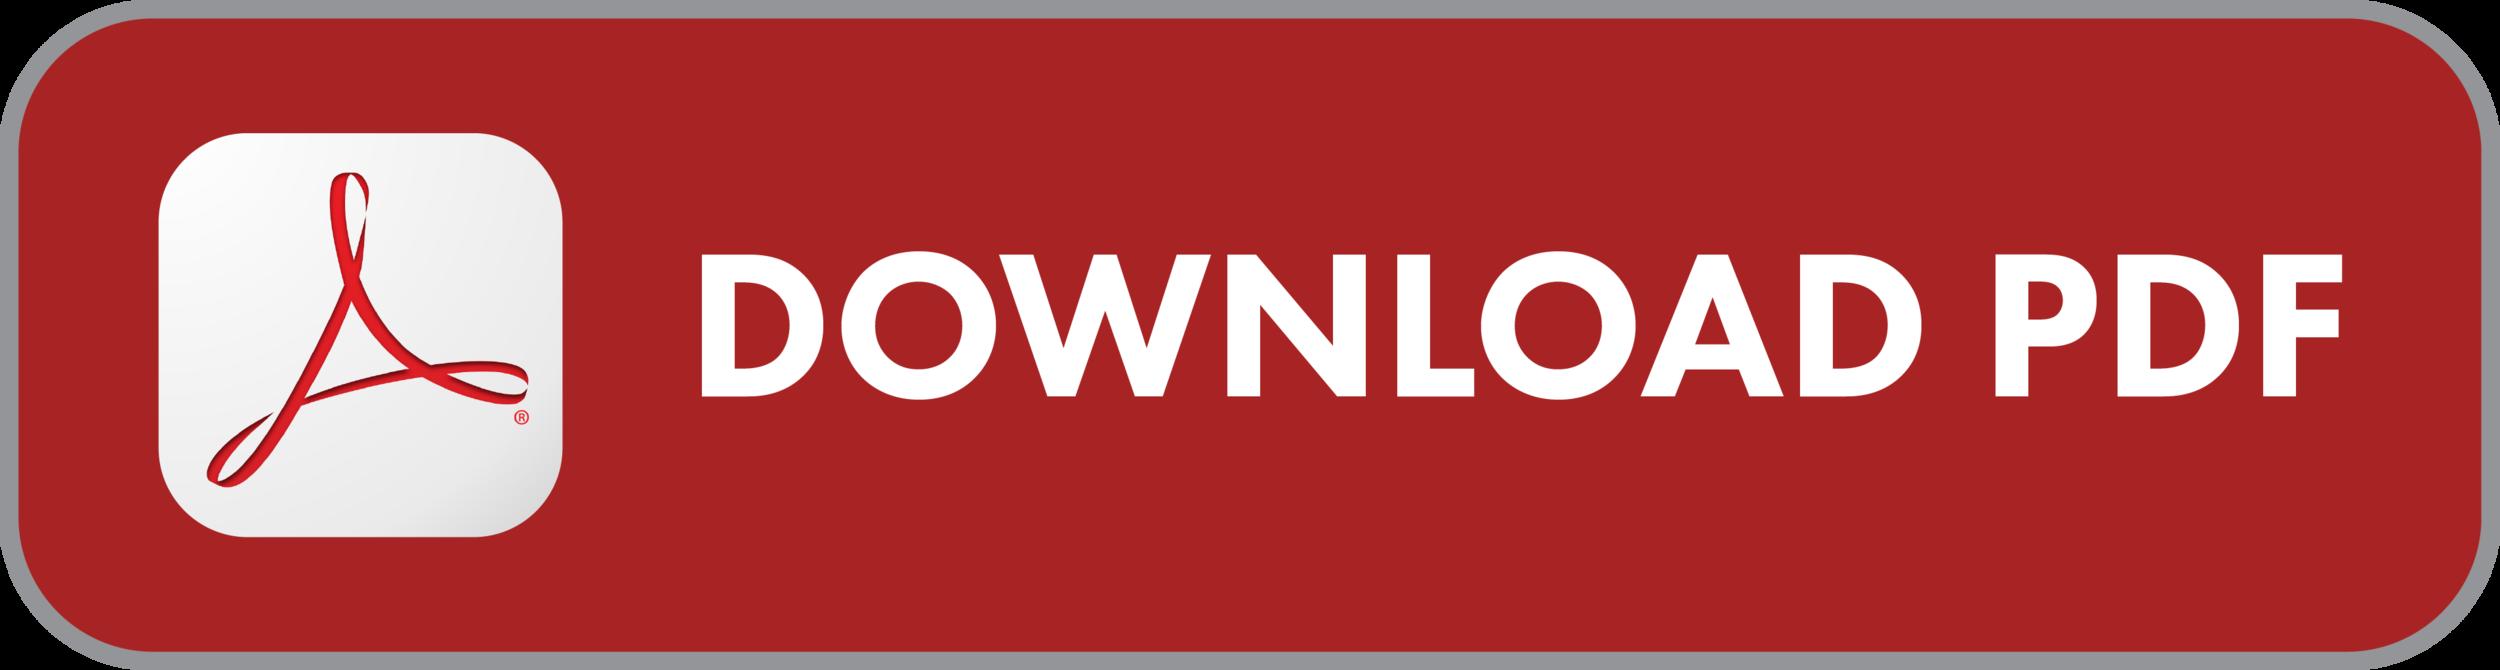 Download PDF Button